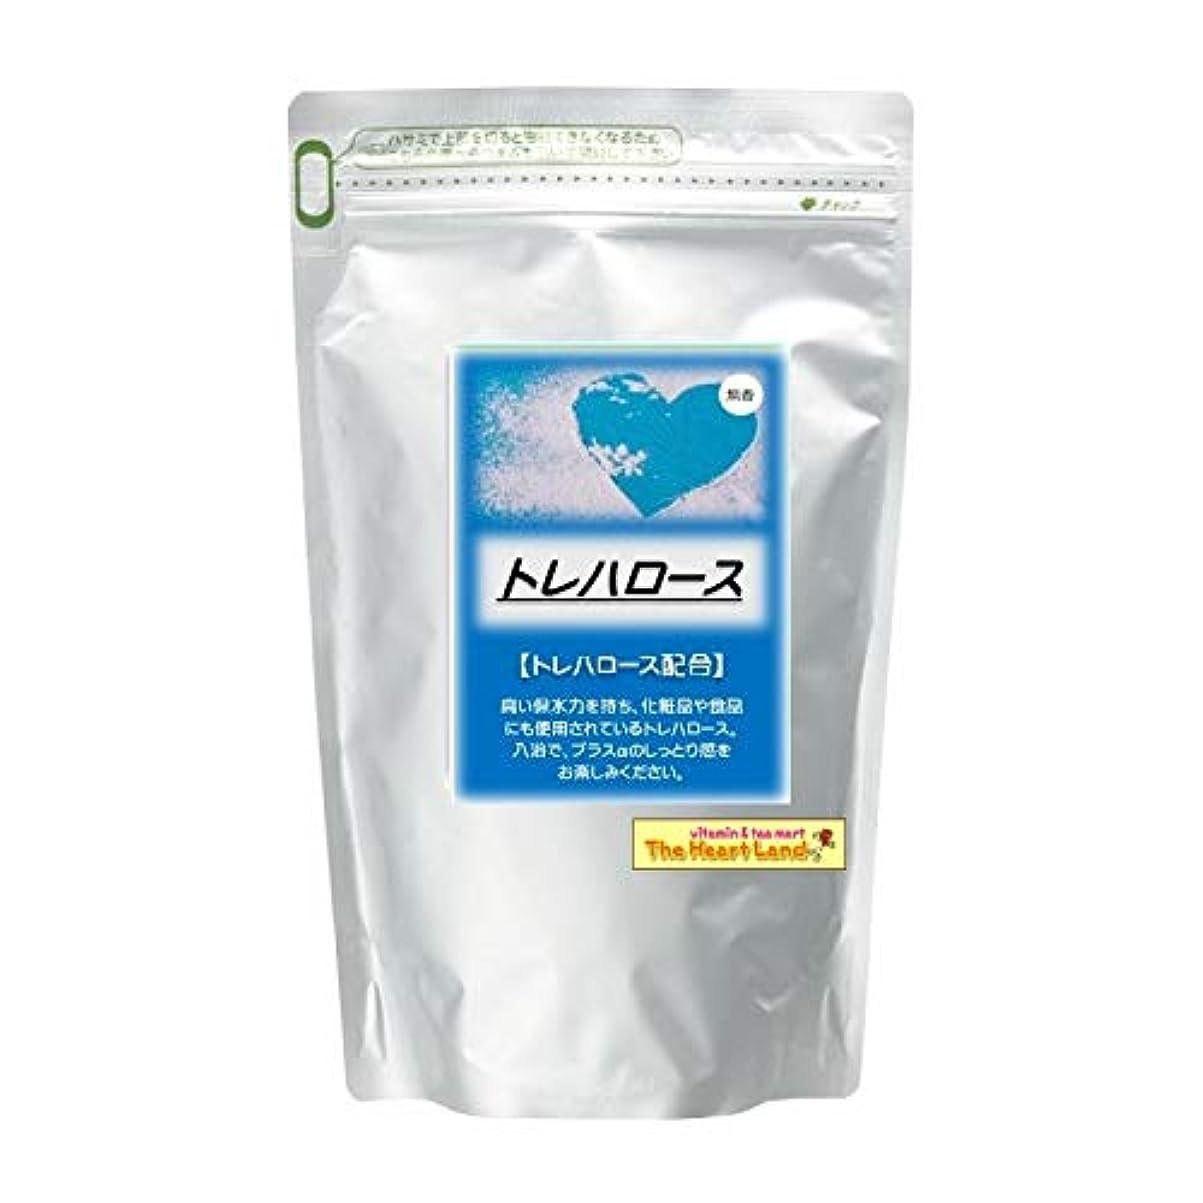 狭い拒否に対処するアサヒ入浴剤 浴用入浴化粧品 トレハロース 2.5kg